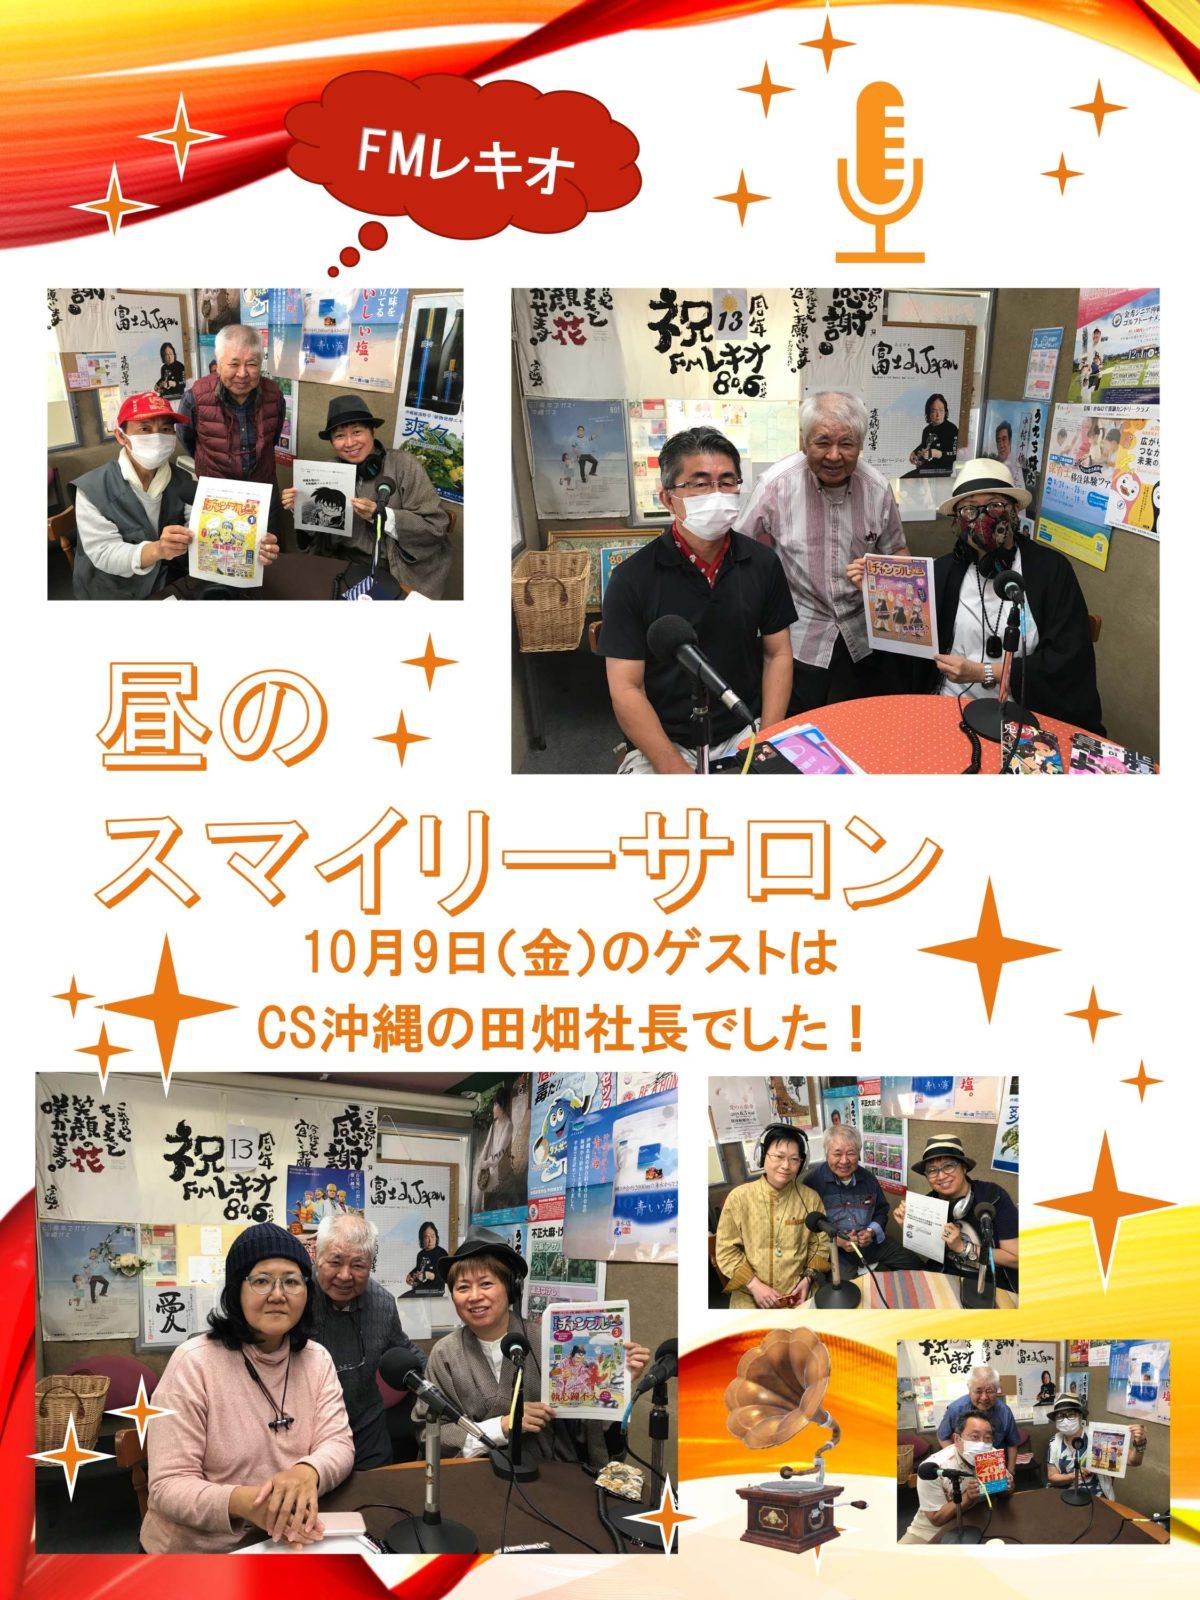 ゲストは「CS沖縄」の田畑社長でした!『昼のスマイリーサロン』10月9日(金)